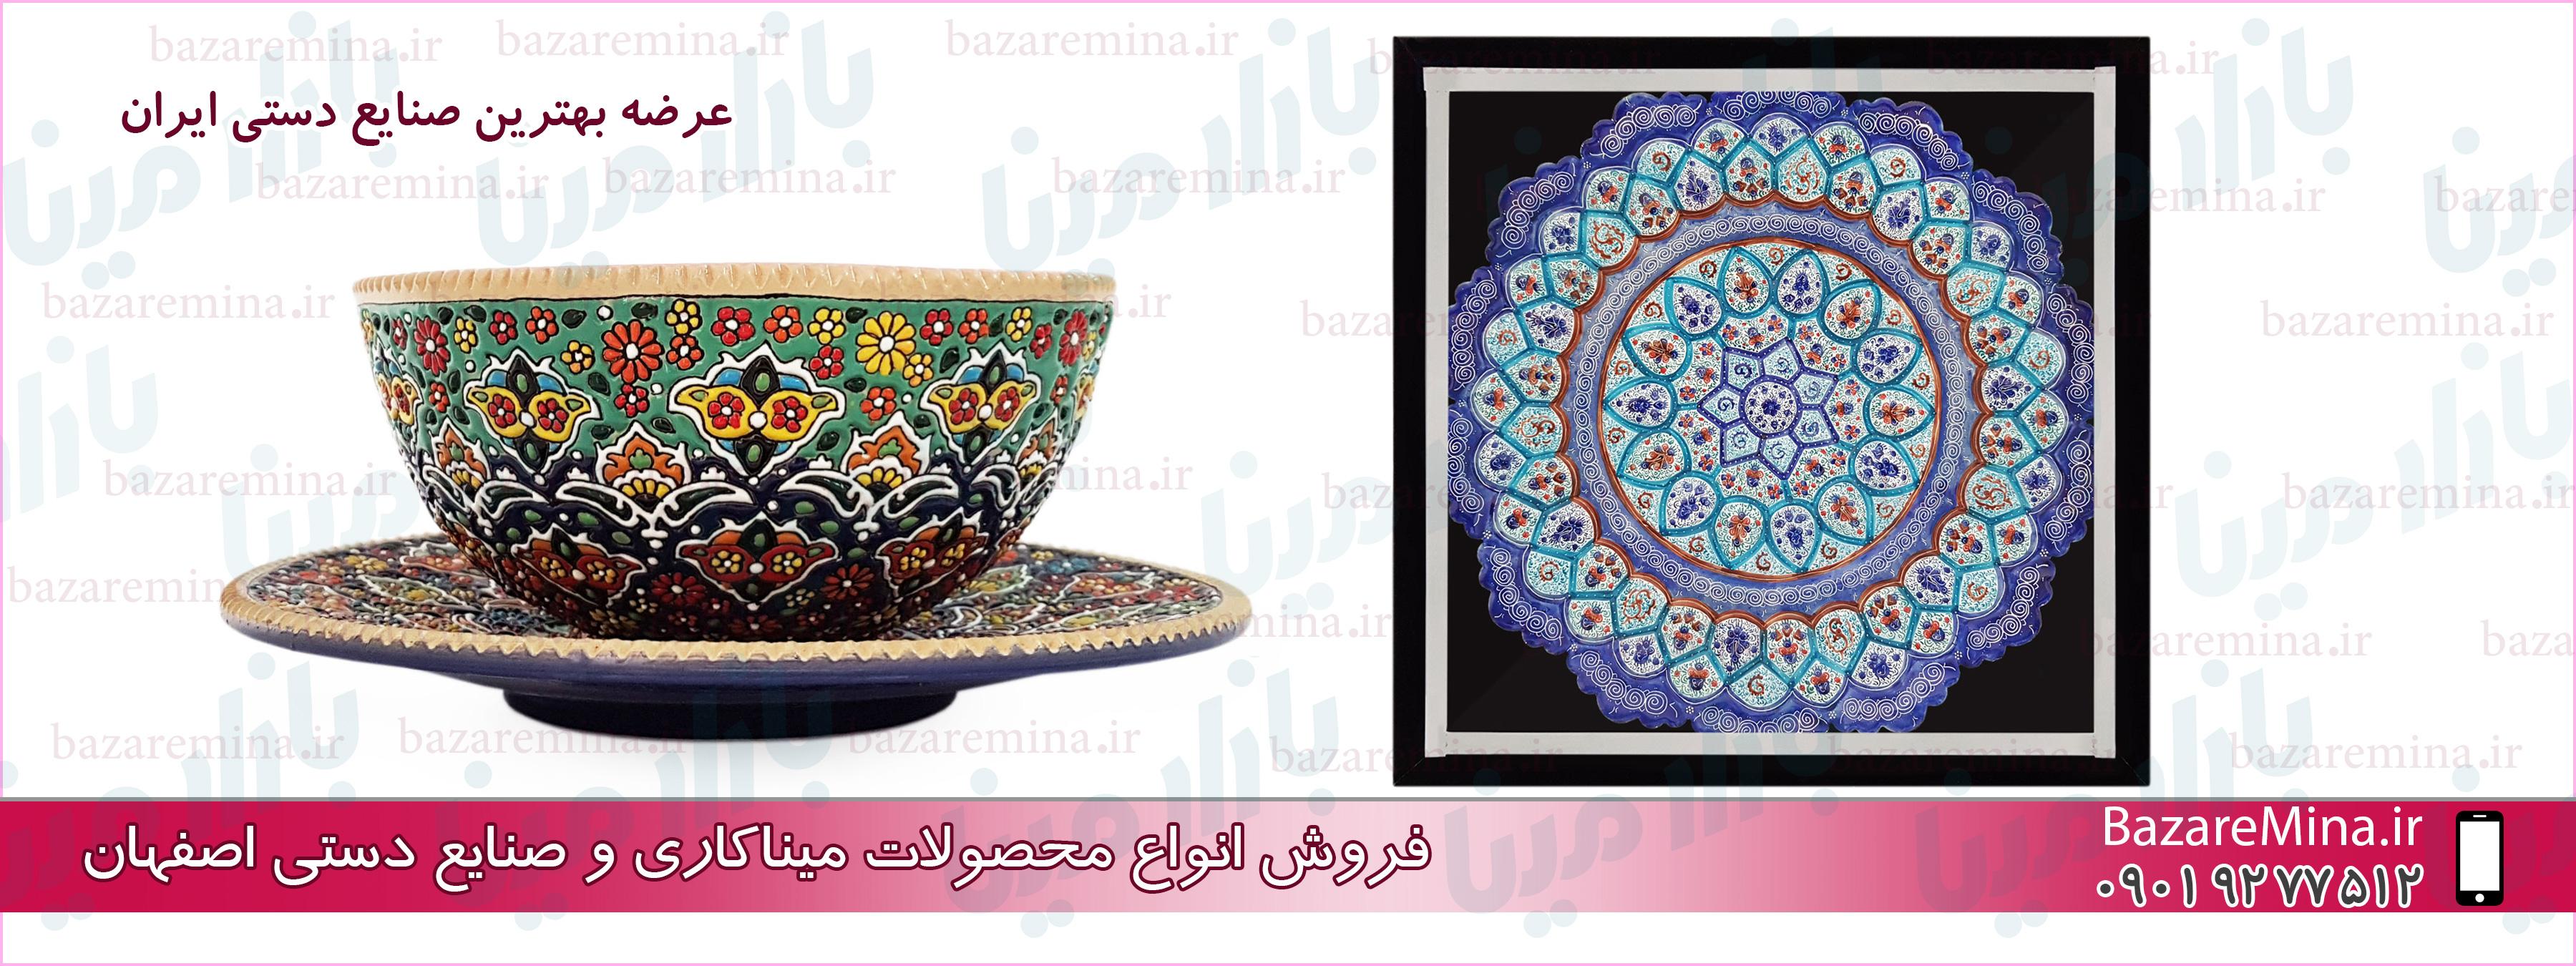 خرید عمده میناکاری اصفهان